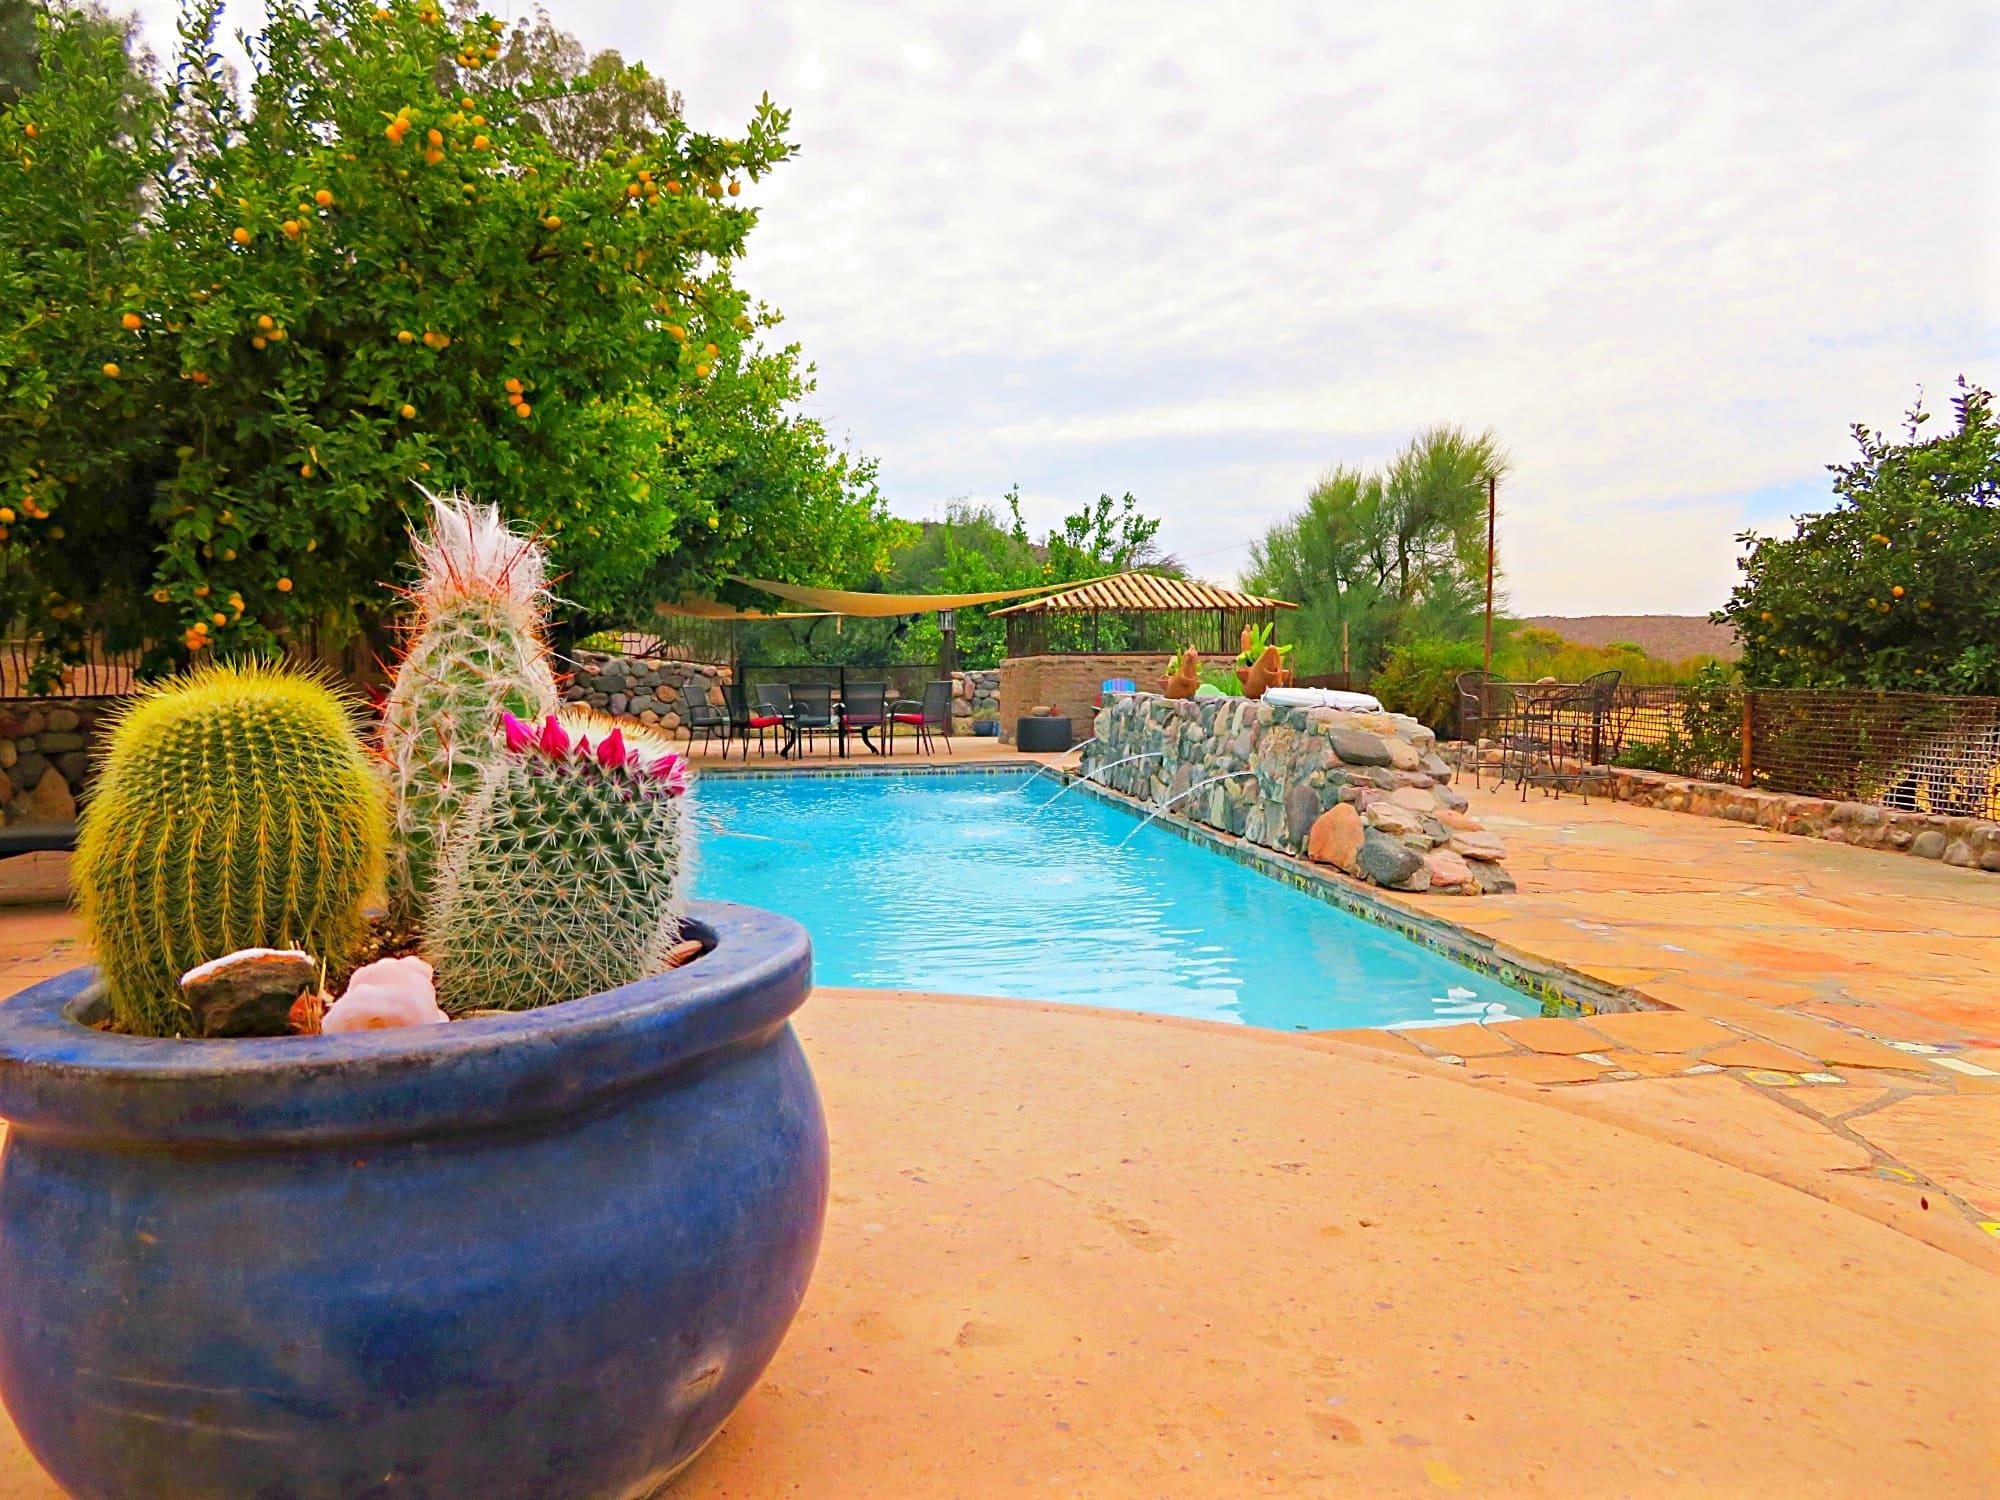 Aravaipa Farms Inn's pool makes a pretty oasis in the desert